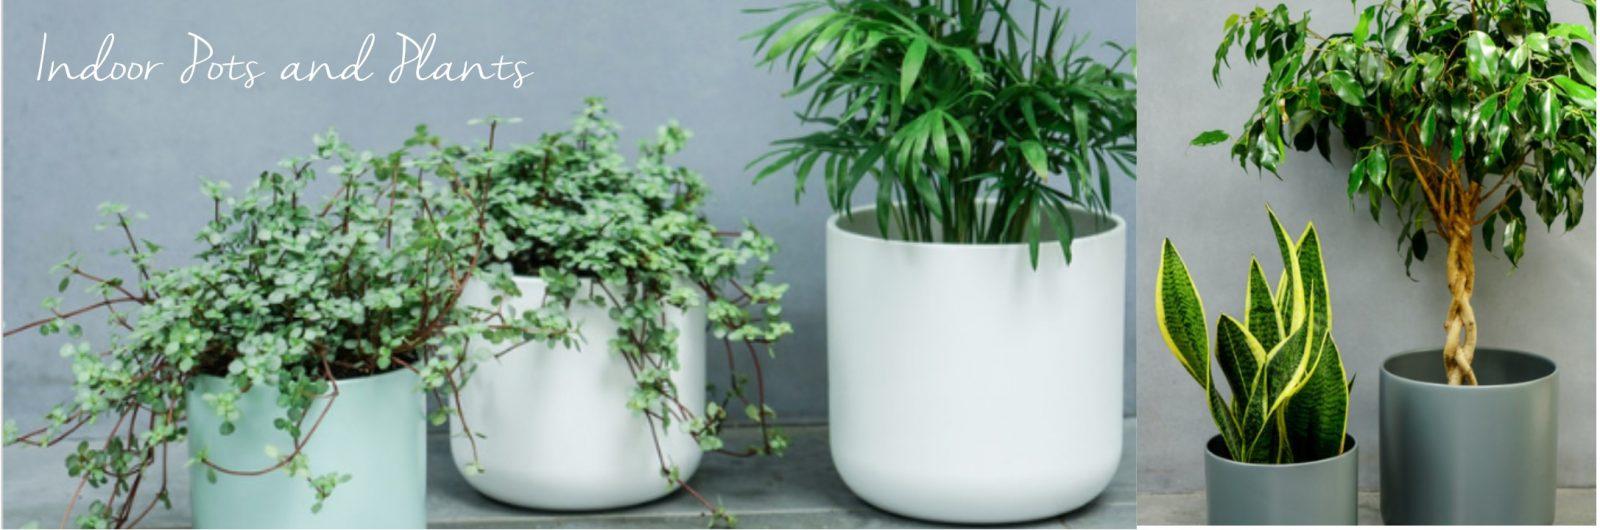 INDOOR PLANTS & POTS